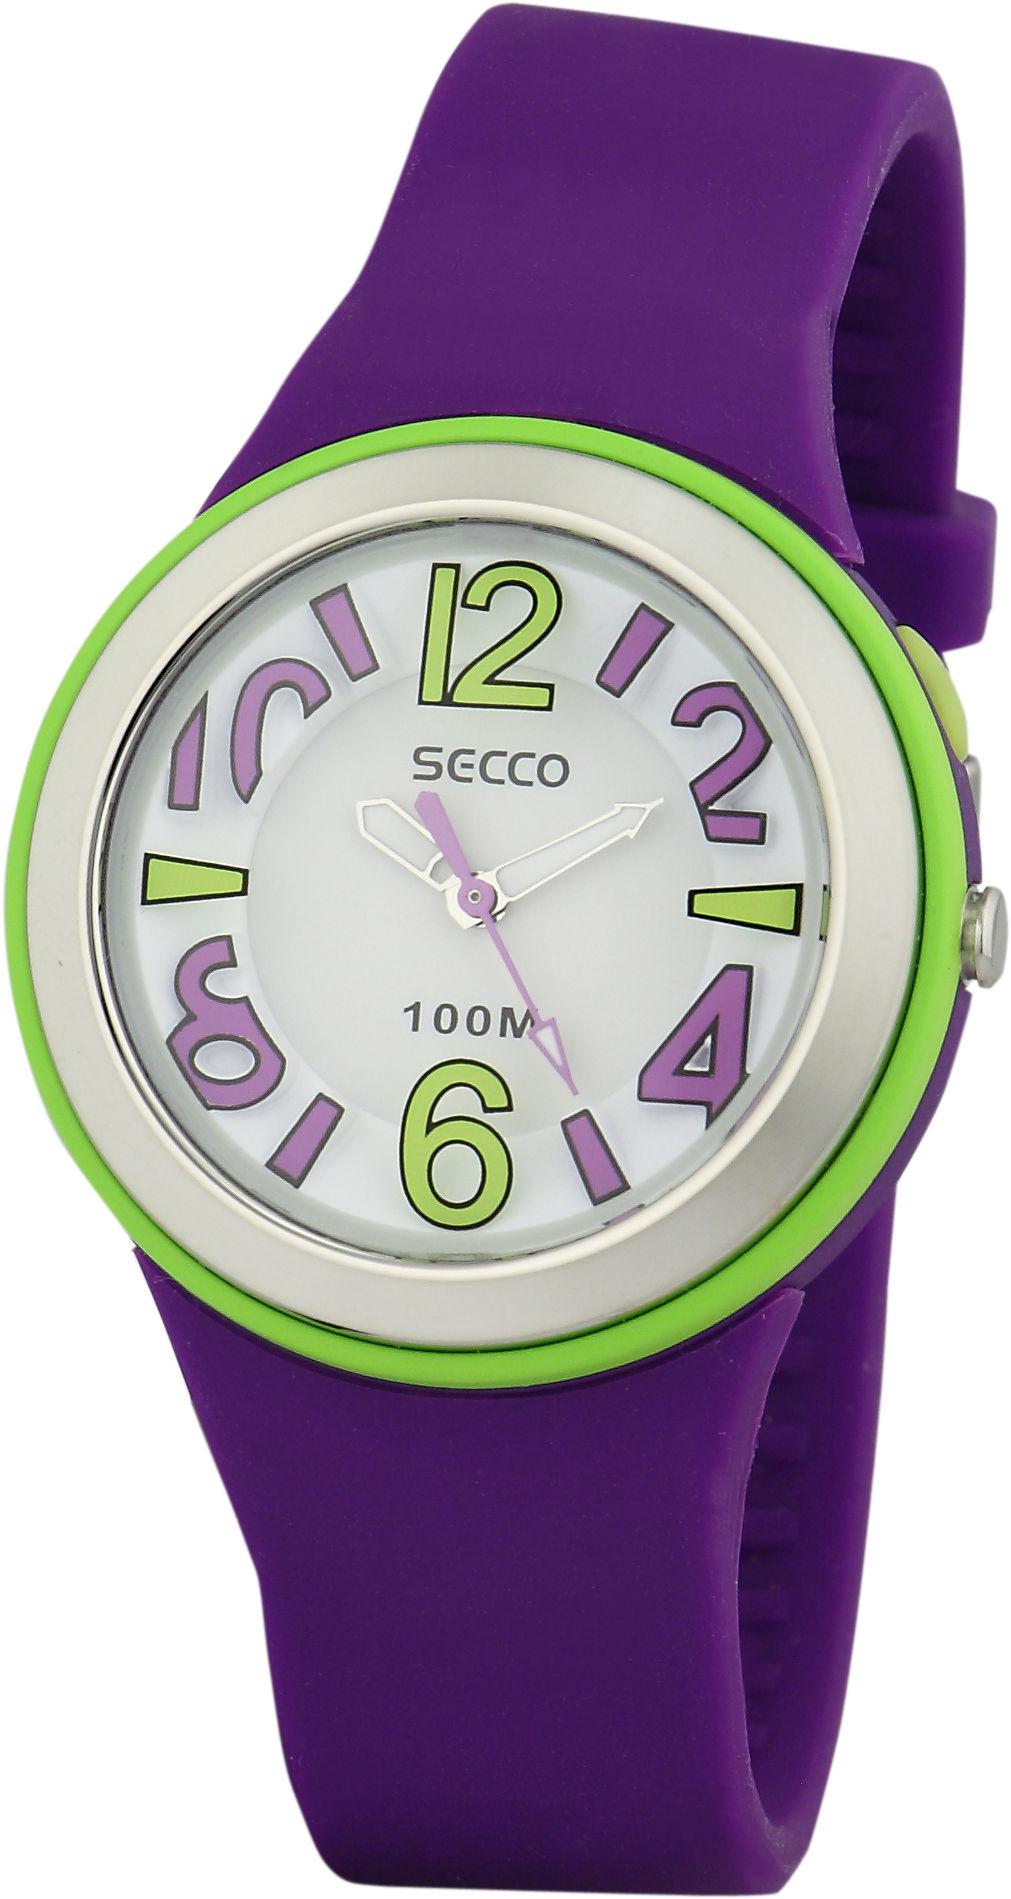 Hodinky Secco S DPPA-004 4e2afa7bd2